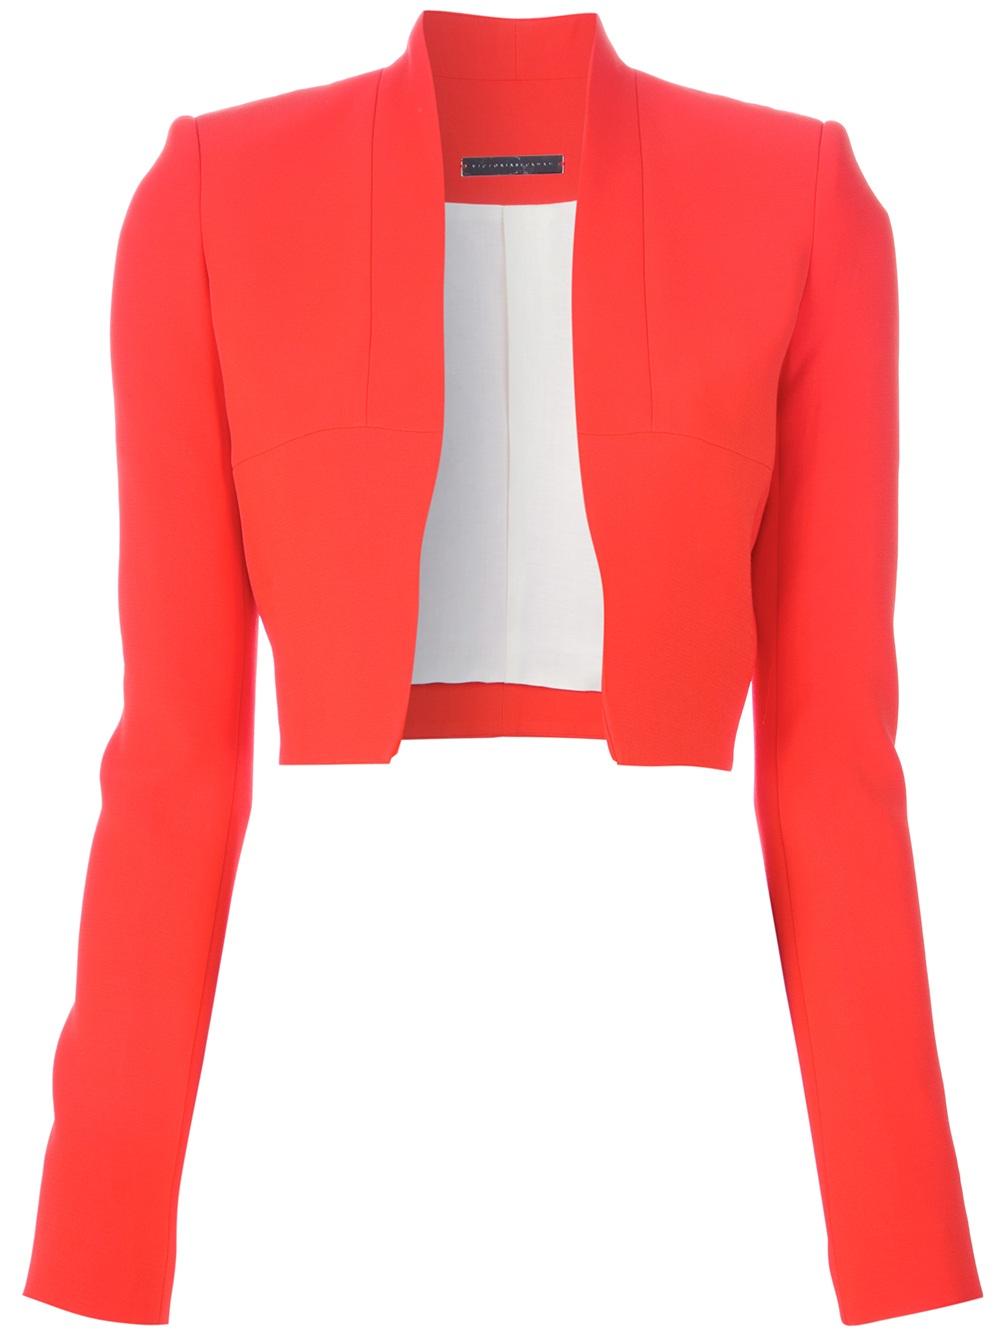 Victoria beckham Cropped Blazer in Pink | Lyst